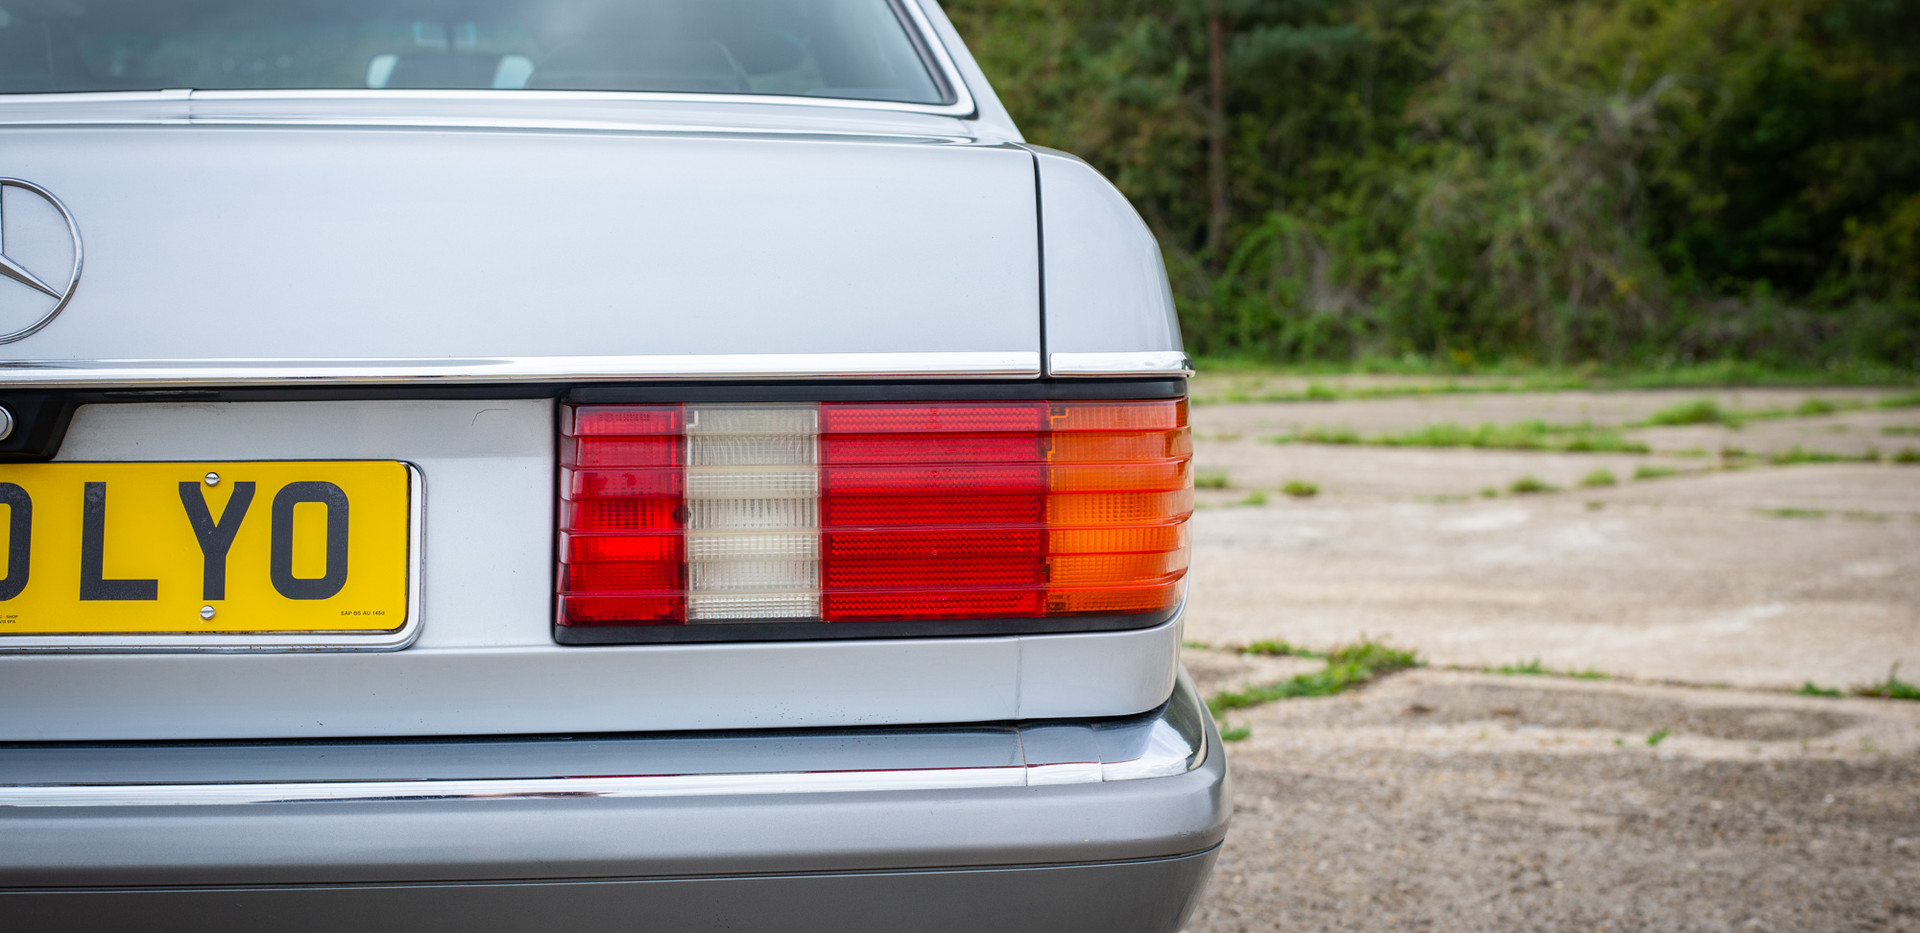 W126 420SEC - Uk for sale london-19.jpg